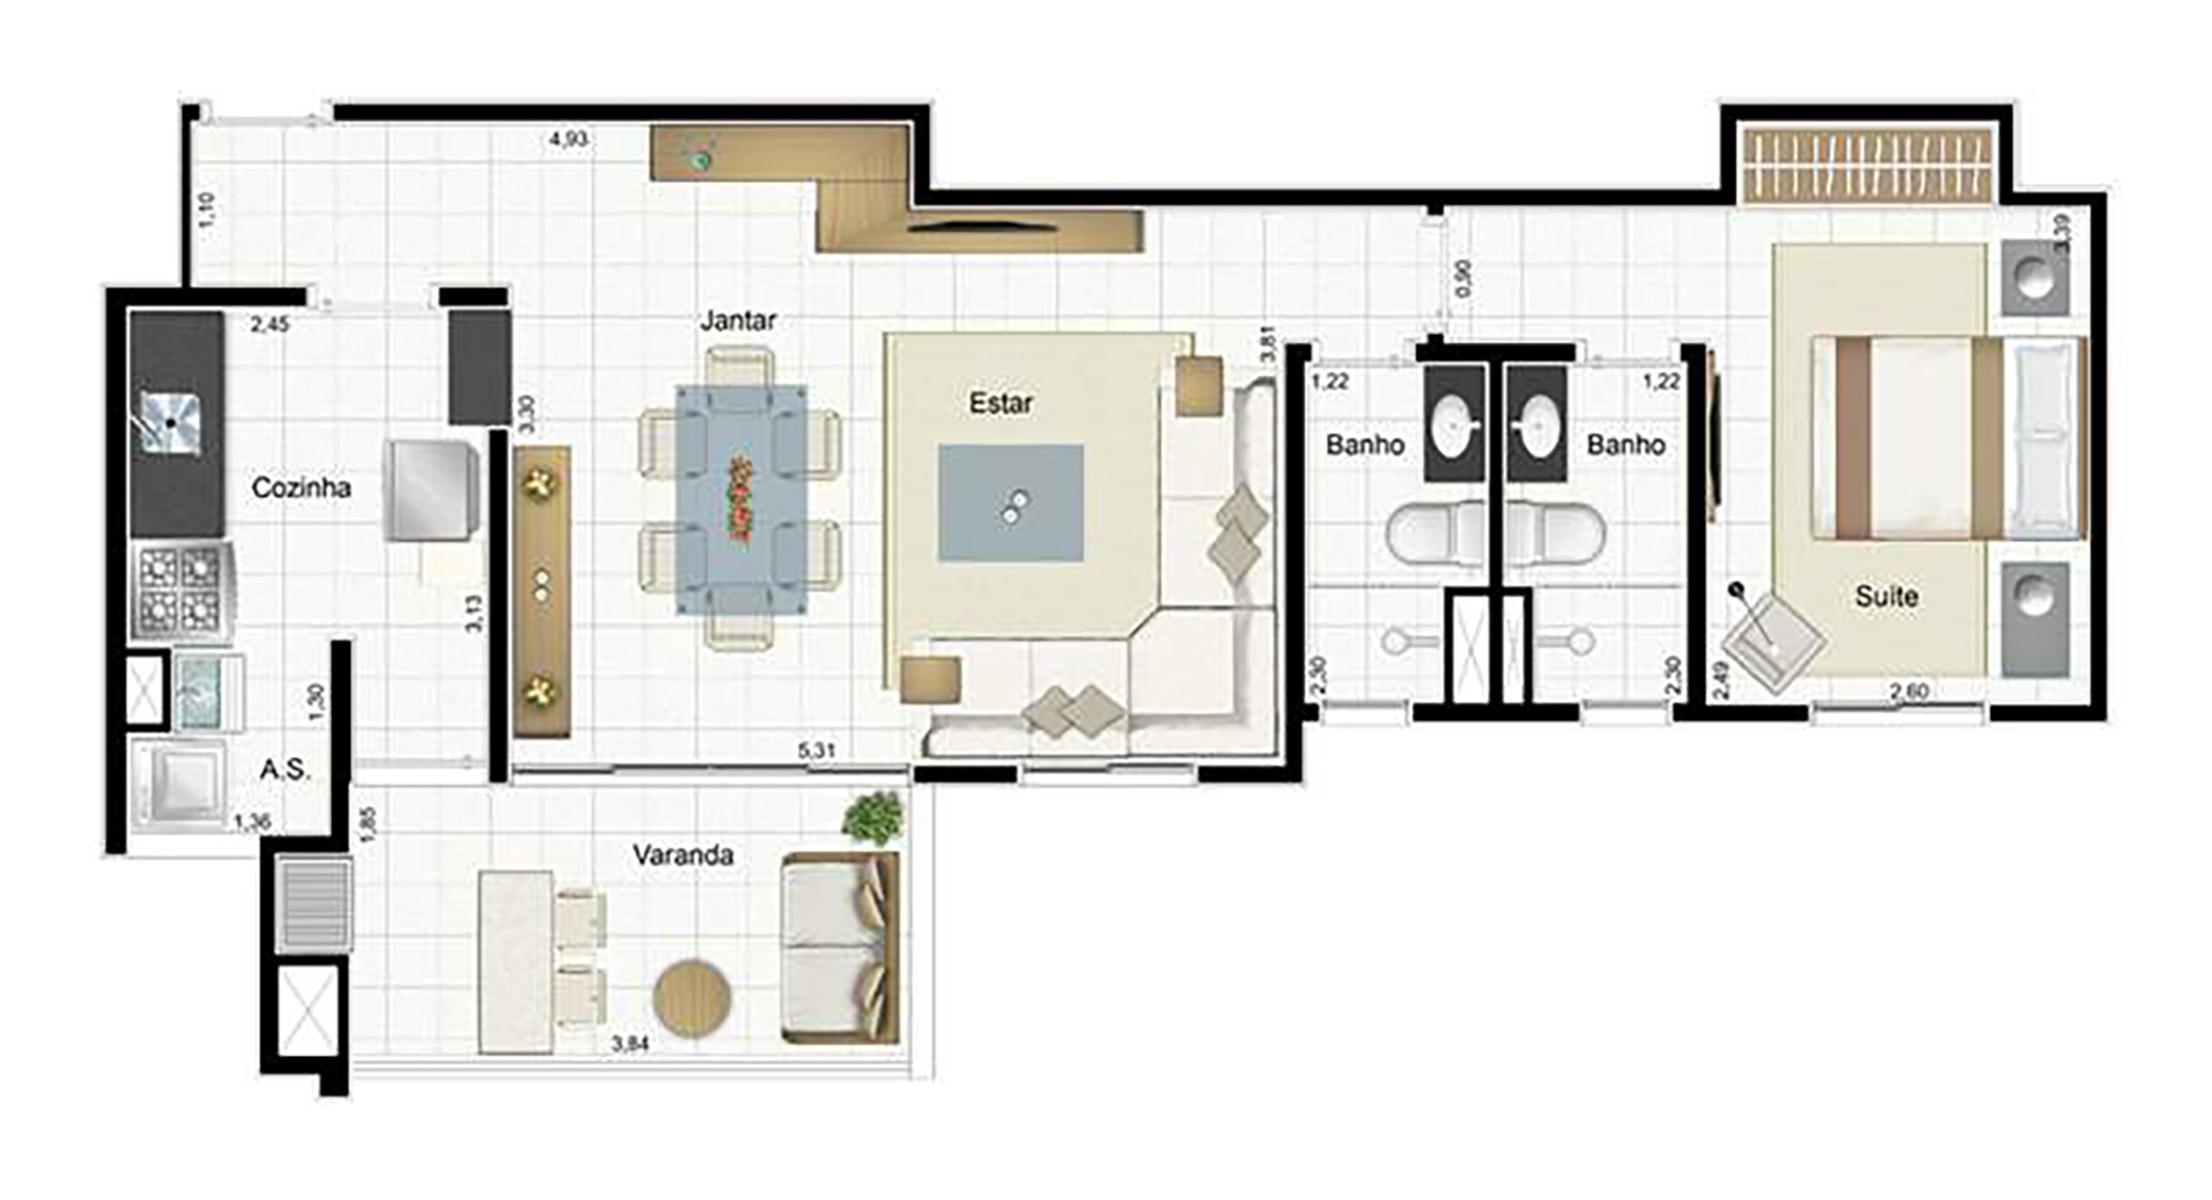 Ilustração Artística da Planta 67 m² tipo 2 Aqua Clube Residencial